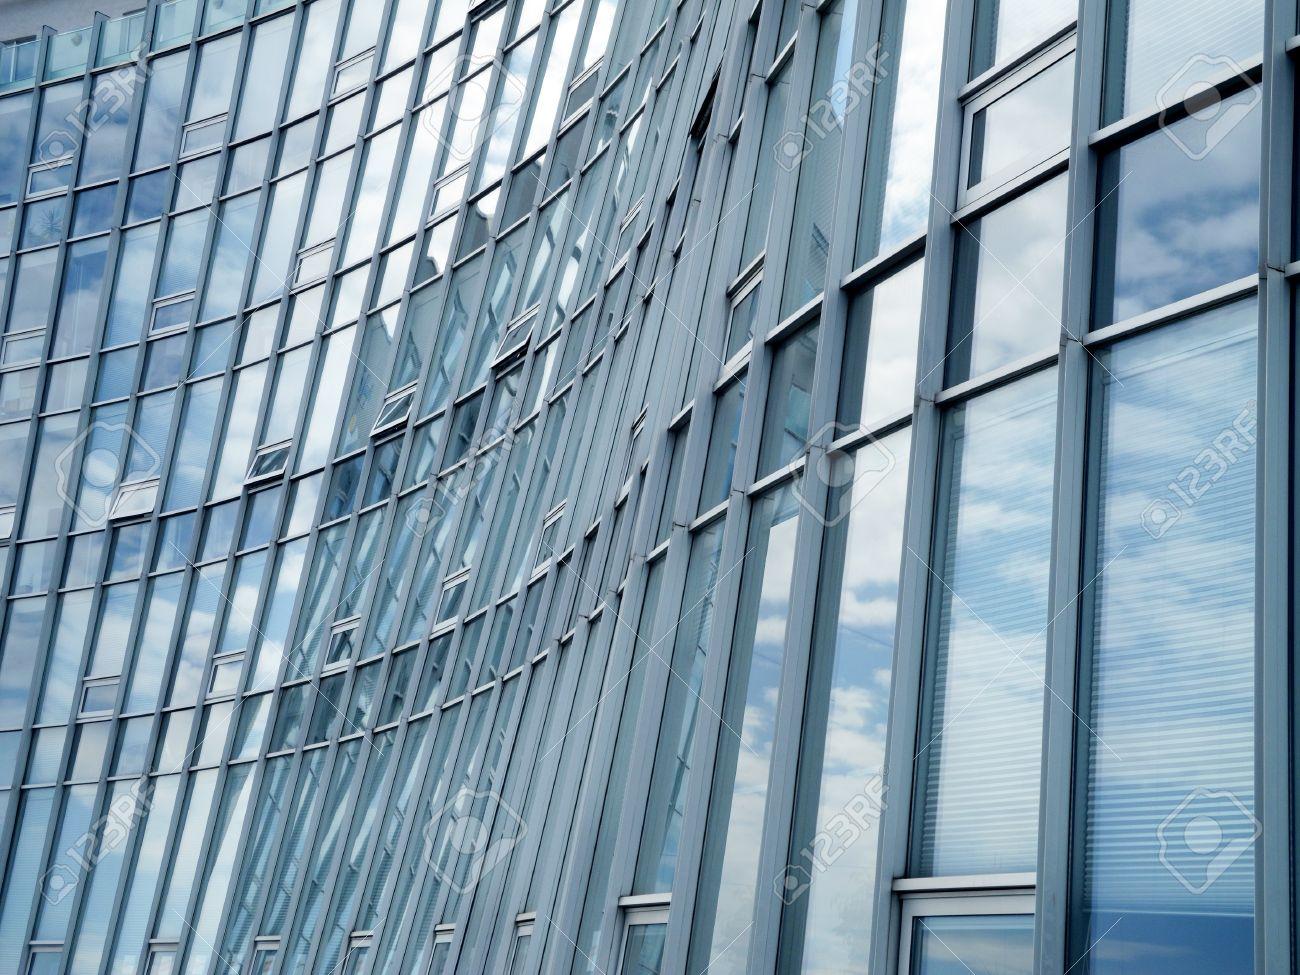 Fassade glas  Moderne Glas Und Aluminium-Fassade Lizenzfreie Fotos, Bilder Und ...